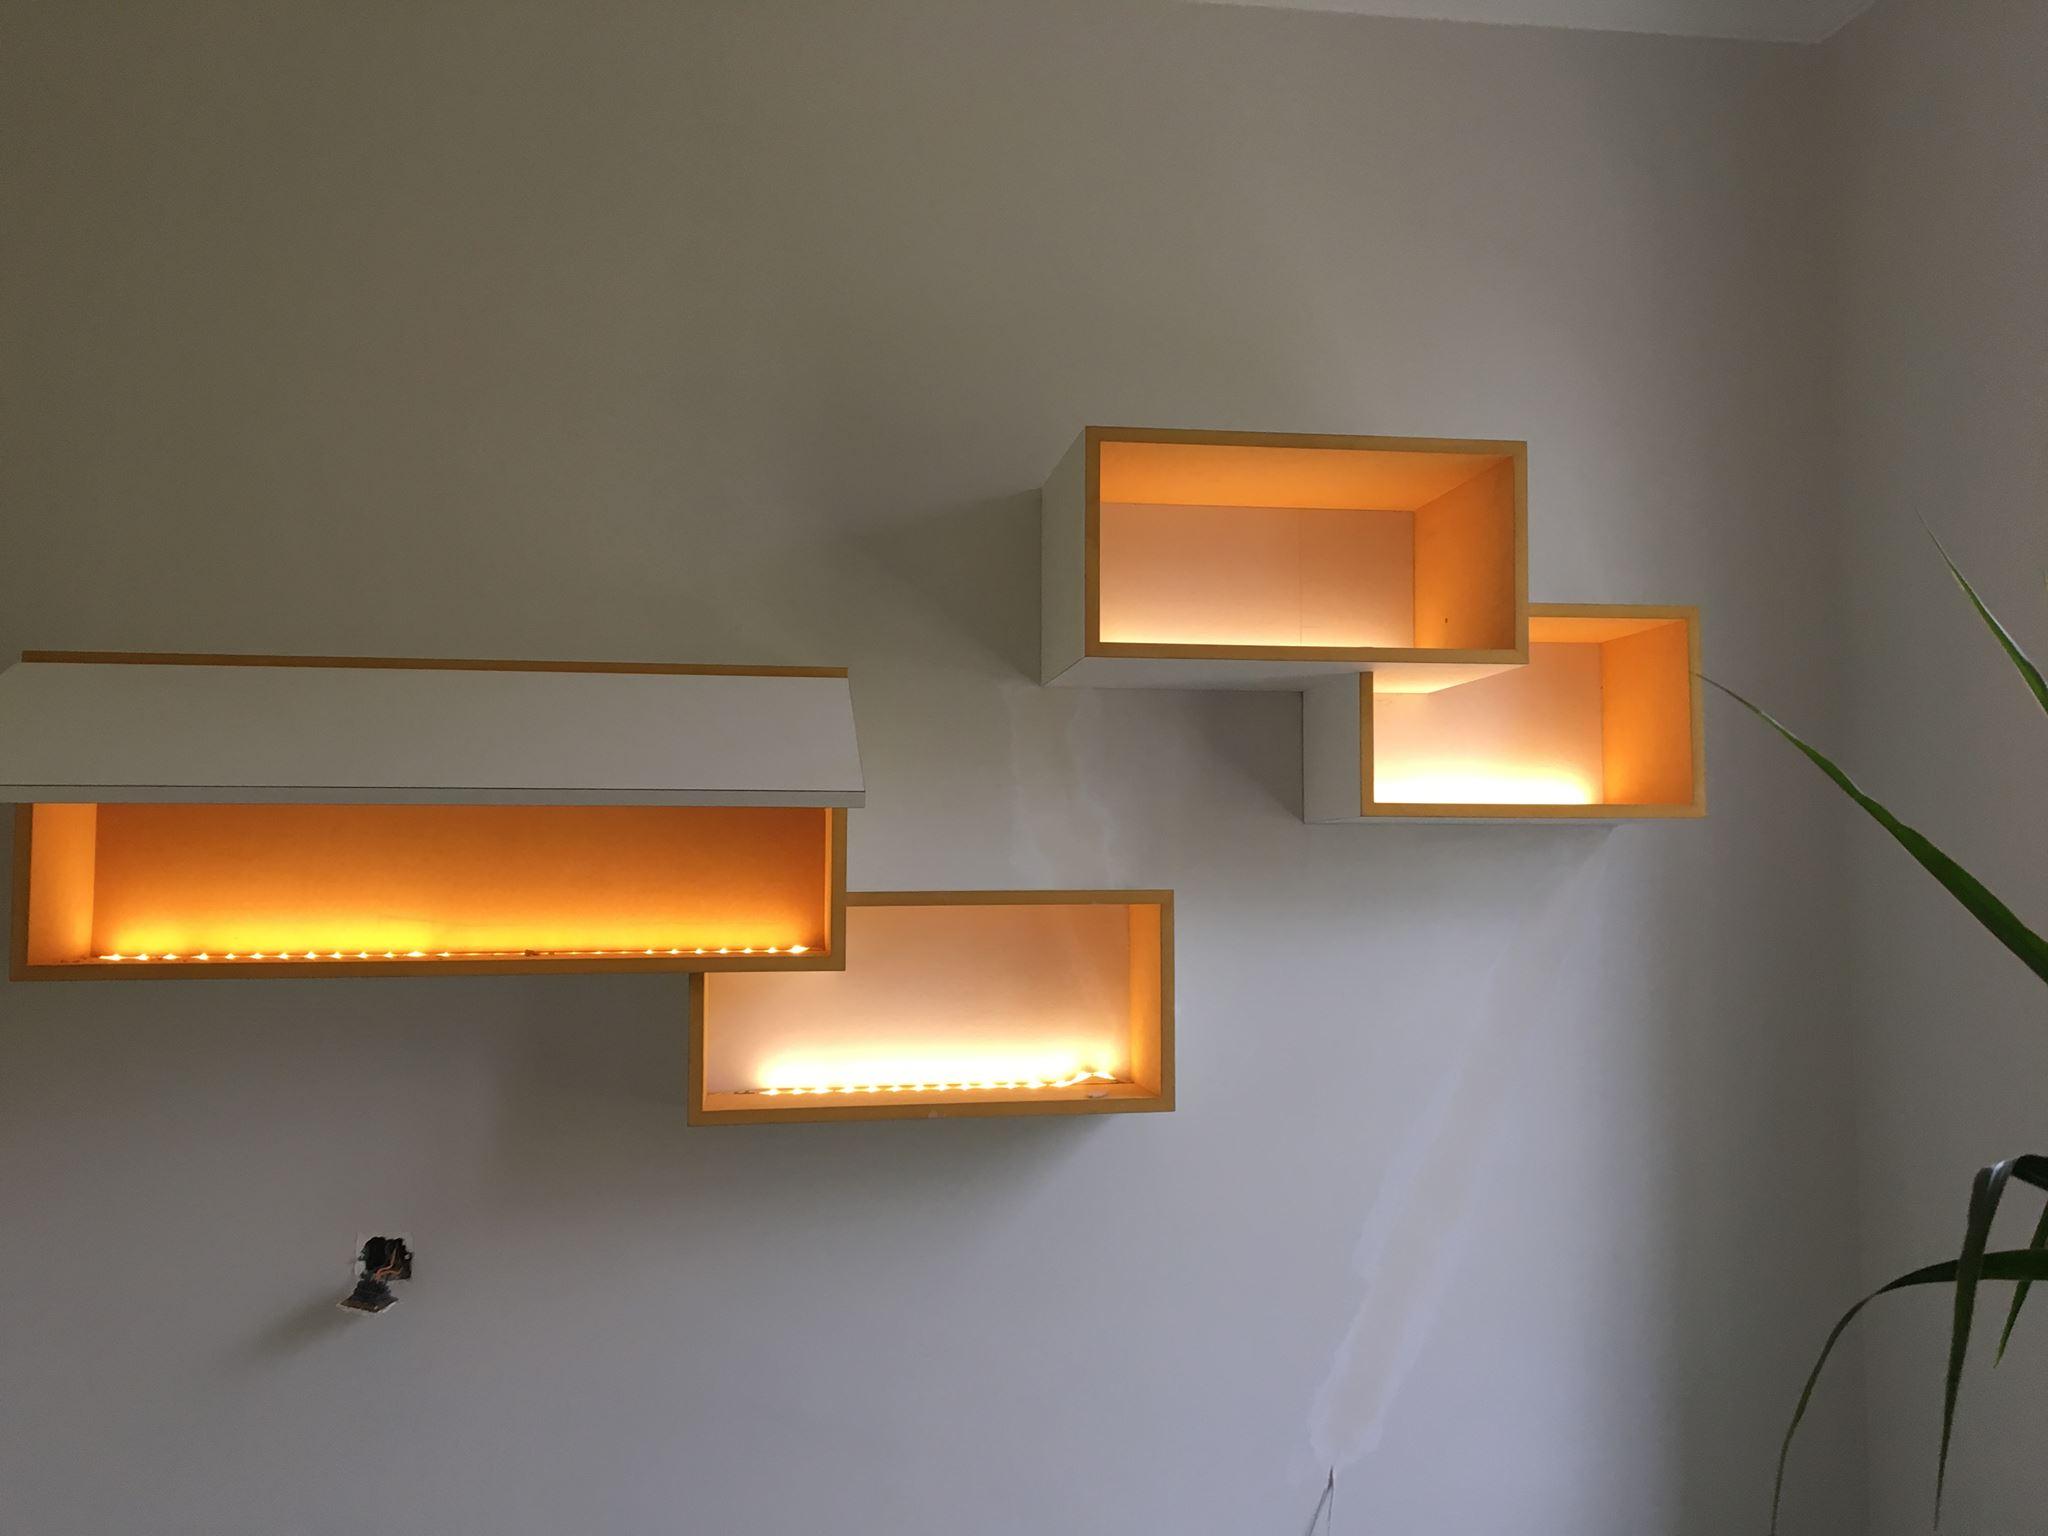 eclairage leds caissons bureau